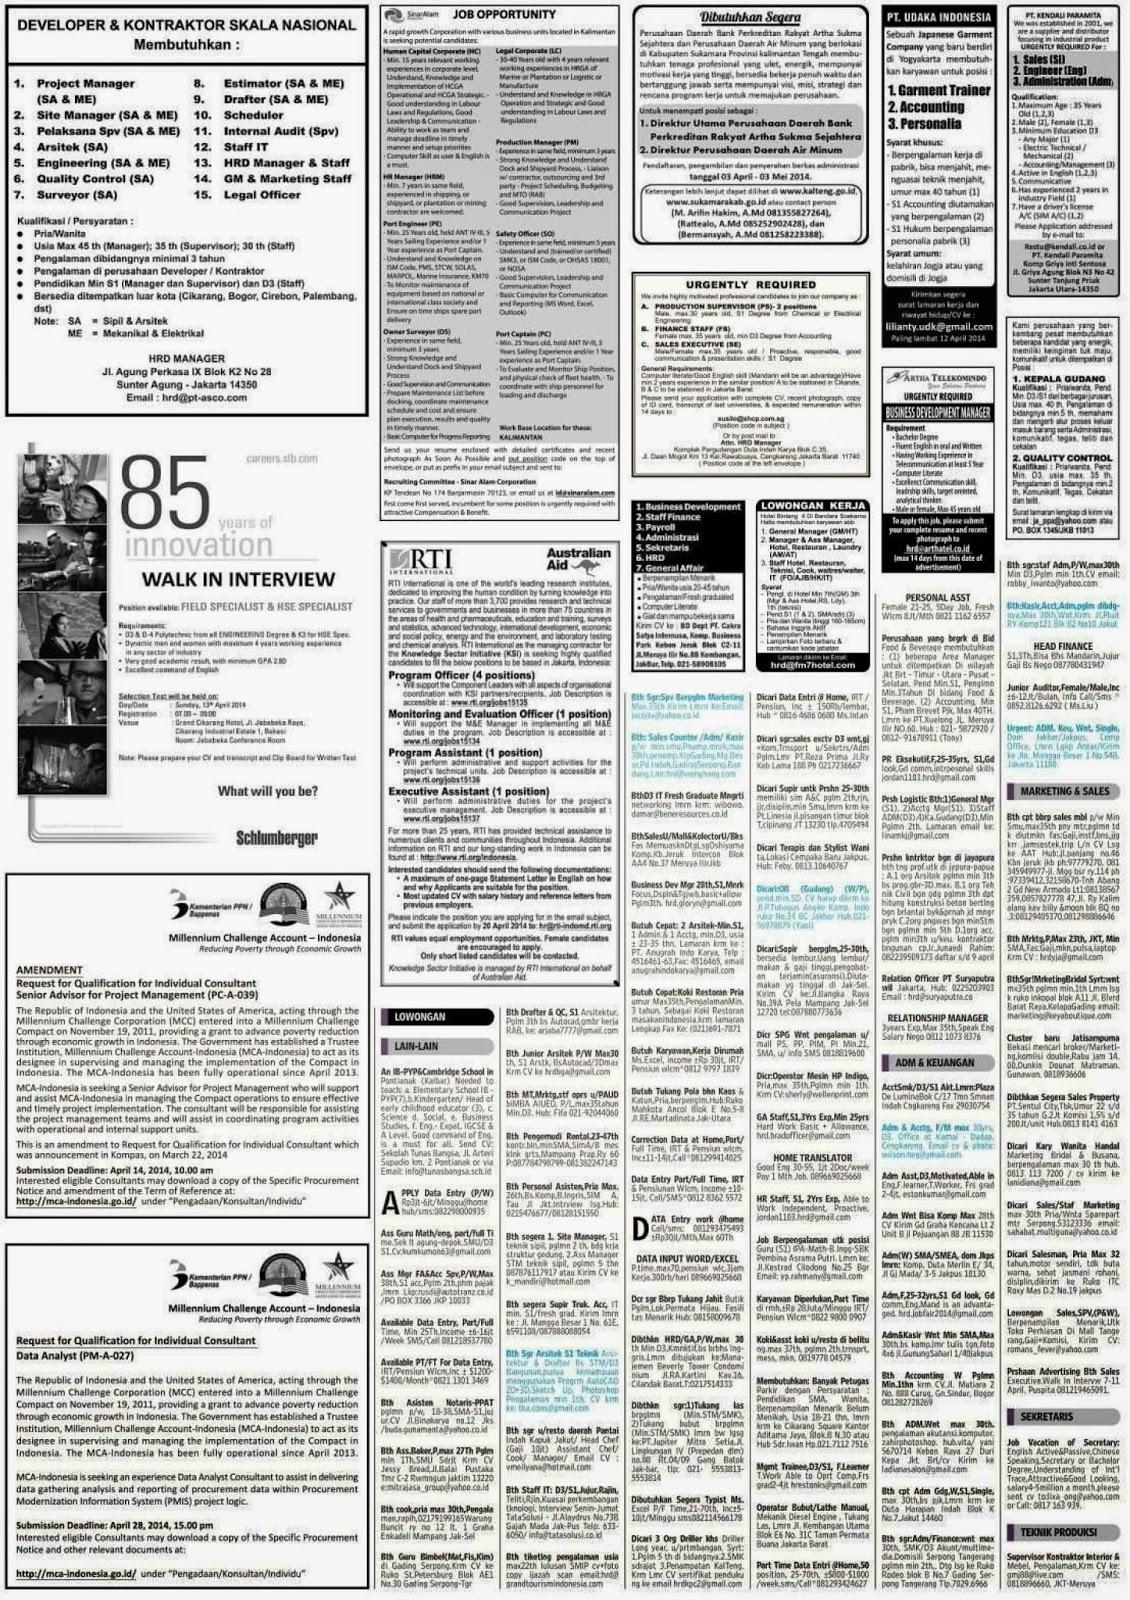 Lowongan kerja koran kompas Sabtu 12 April 2014